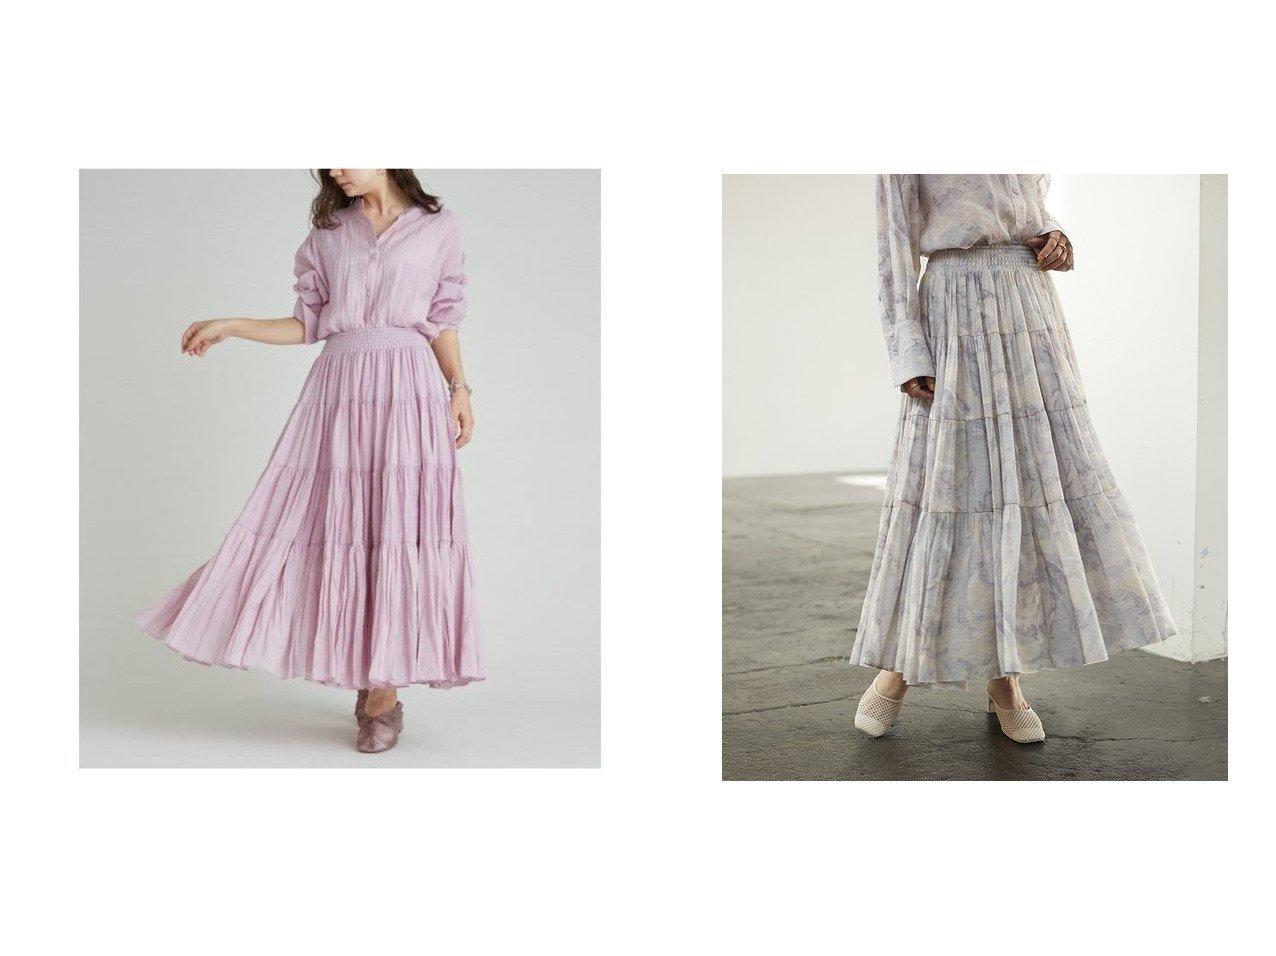 【SNIDEL/スナイデル】のシアーボリュームティアードスカート スカートのおすすめ!人気、トレンド・レディースファッションの通販 おすすめで人気の流行・トレンド、ファッションの通販商品 メンズファッション・キッズファッション・インテリア・家具・レディースファッション・服の通販 founy(ファニー) https://founy.com/ ファッション Fashion レディースファッション WOMEN スカート Skirt Aライン/フレアスカート Flared A-Line Skirts ティアードスカート Tiered Skirts ギャザー シアー スマート セットアップ ティアードスカート フレア プリント マーブル ミックス 再入荷 Restock/Back in Stock/Re Arrival おすすめ Recommend |ID:crp329100000024724